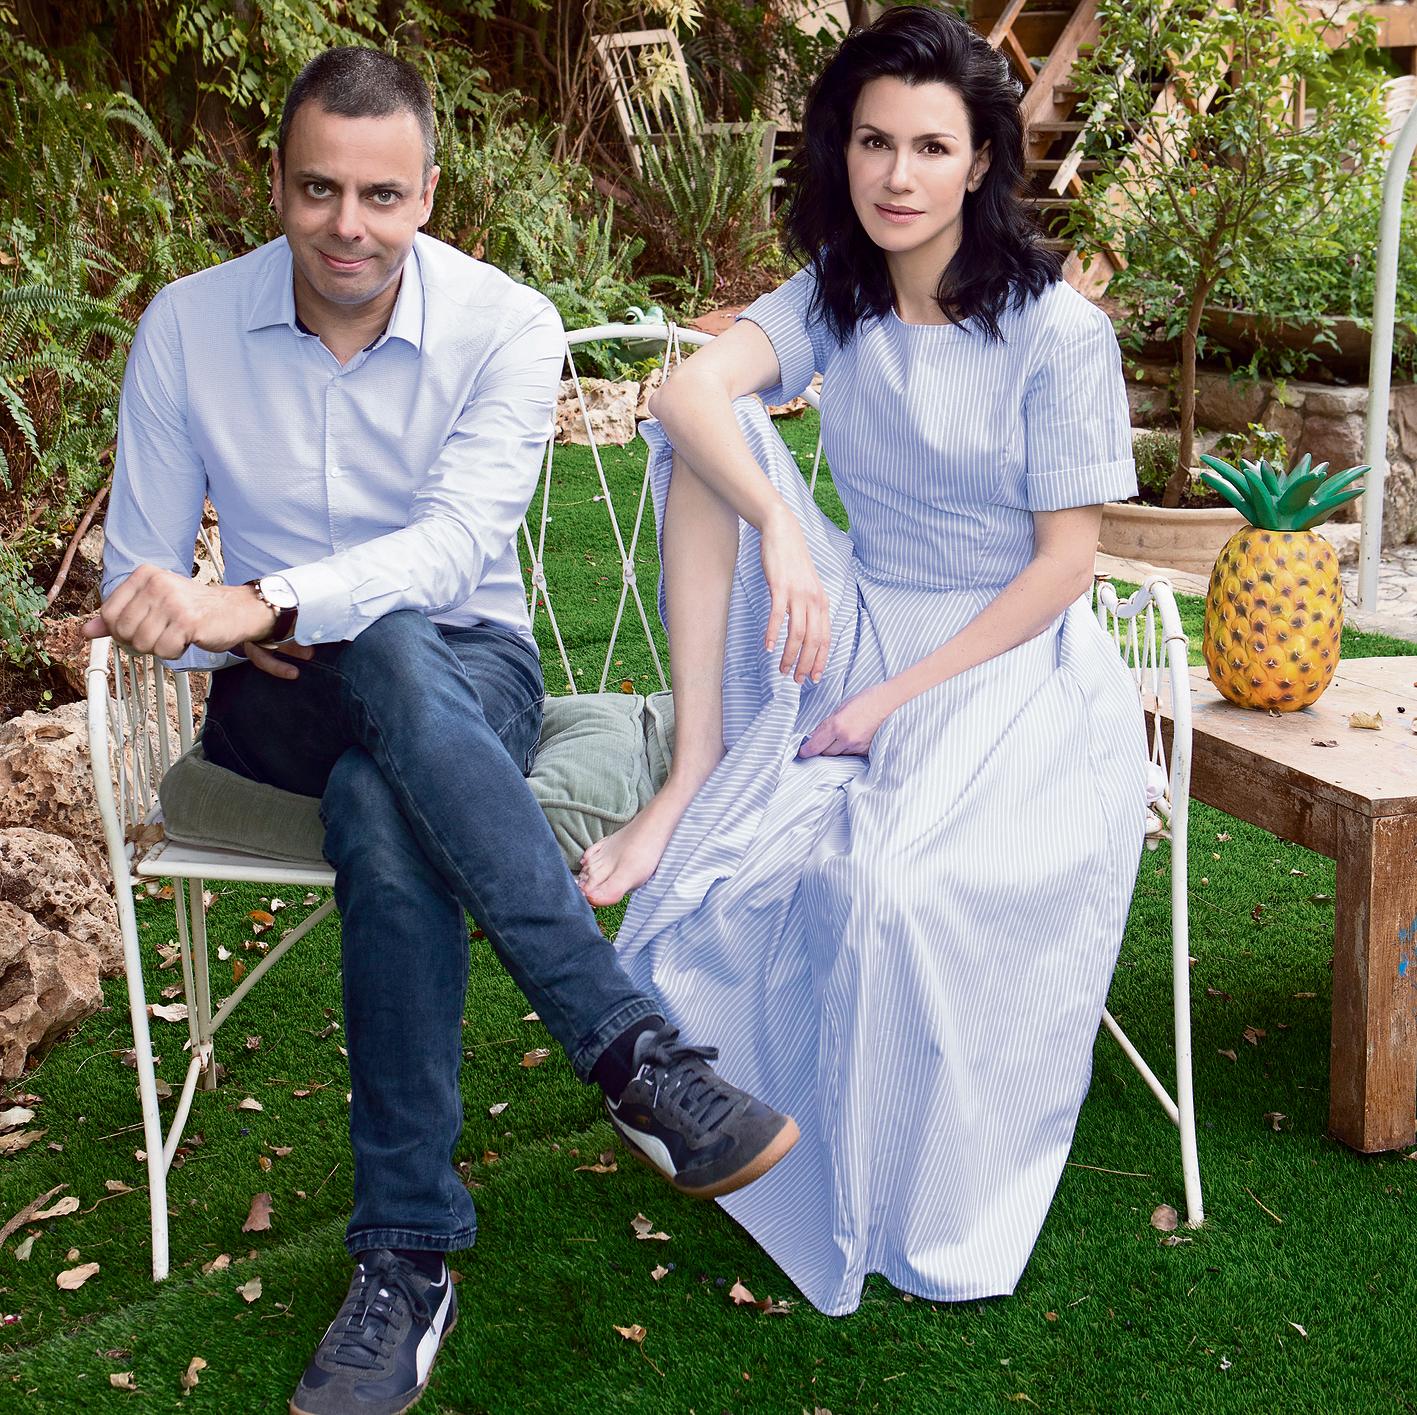 """עינת נתן ורענן שקד בחצר ביתה. נתן: """"בסופו של דבר, אנחנו קצת עושים דרמה גדולה מדי מהתפקיד ההורי"""""""